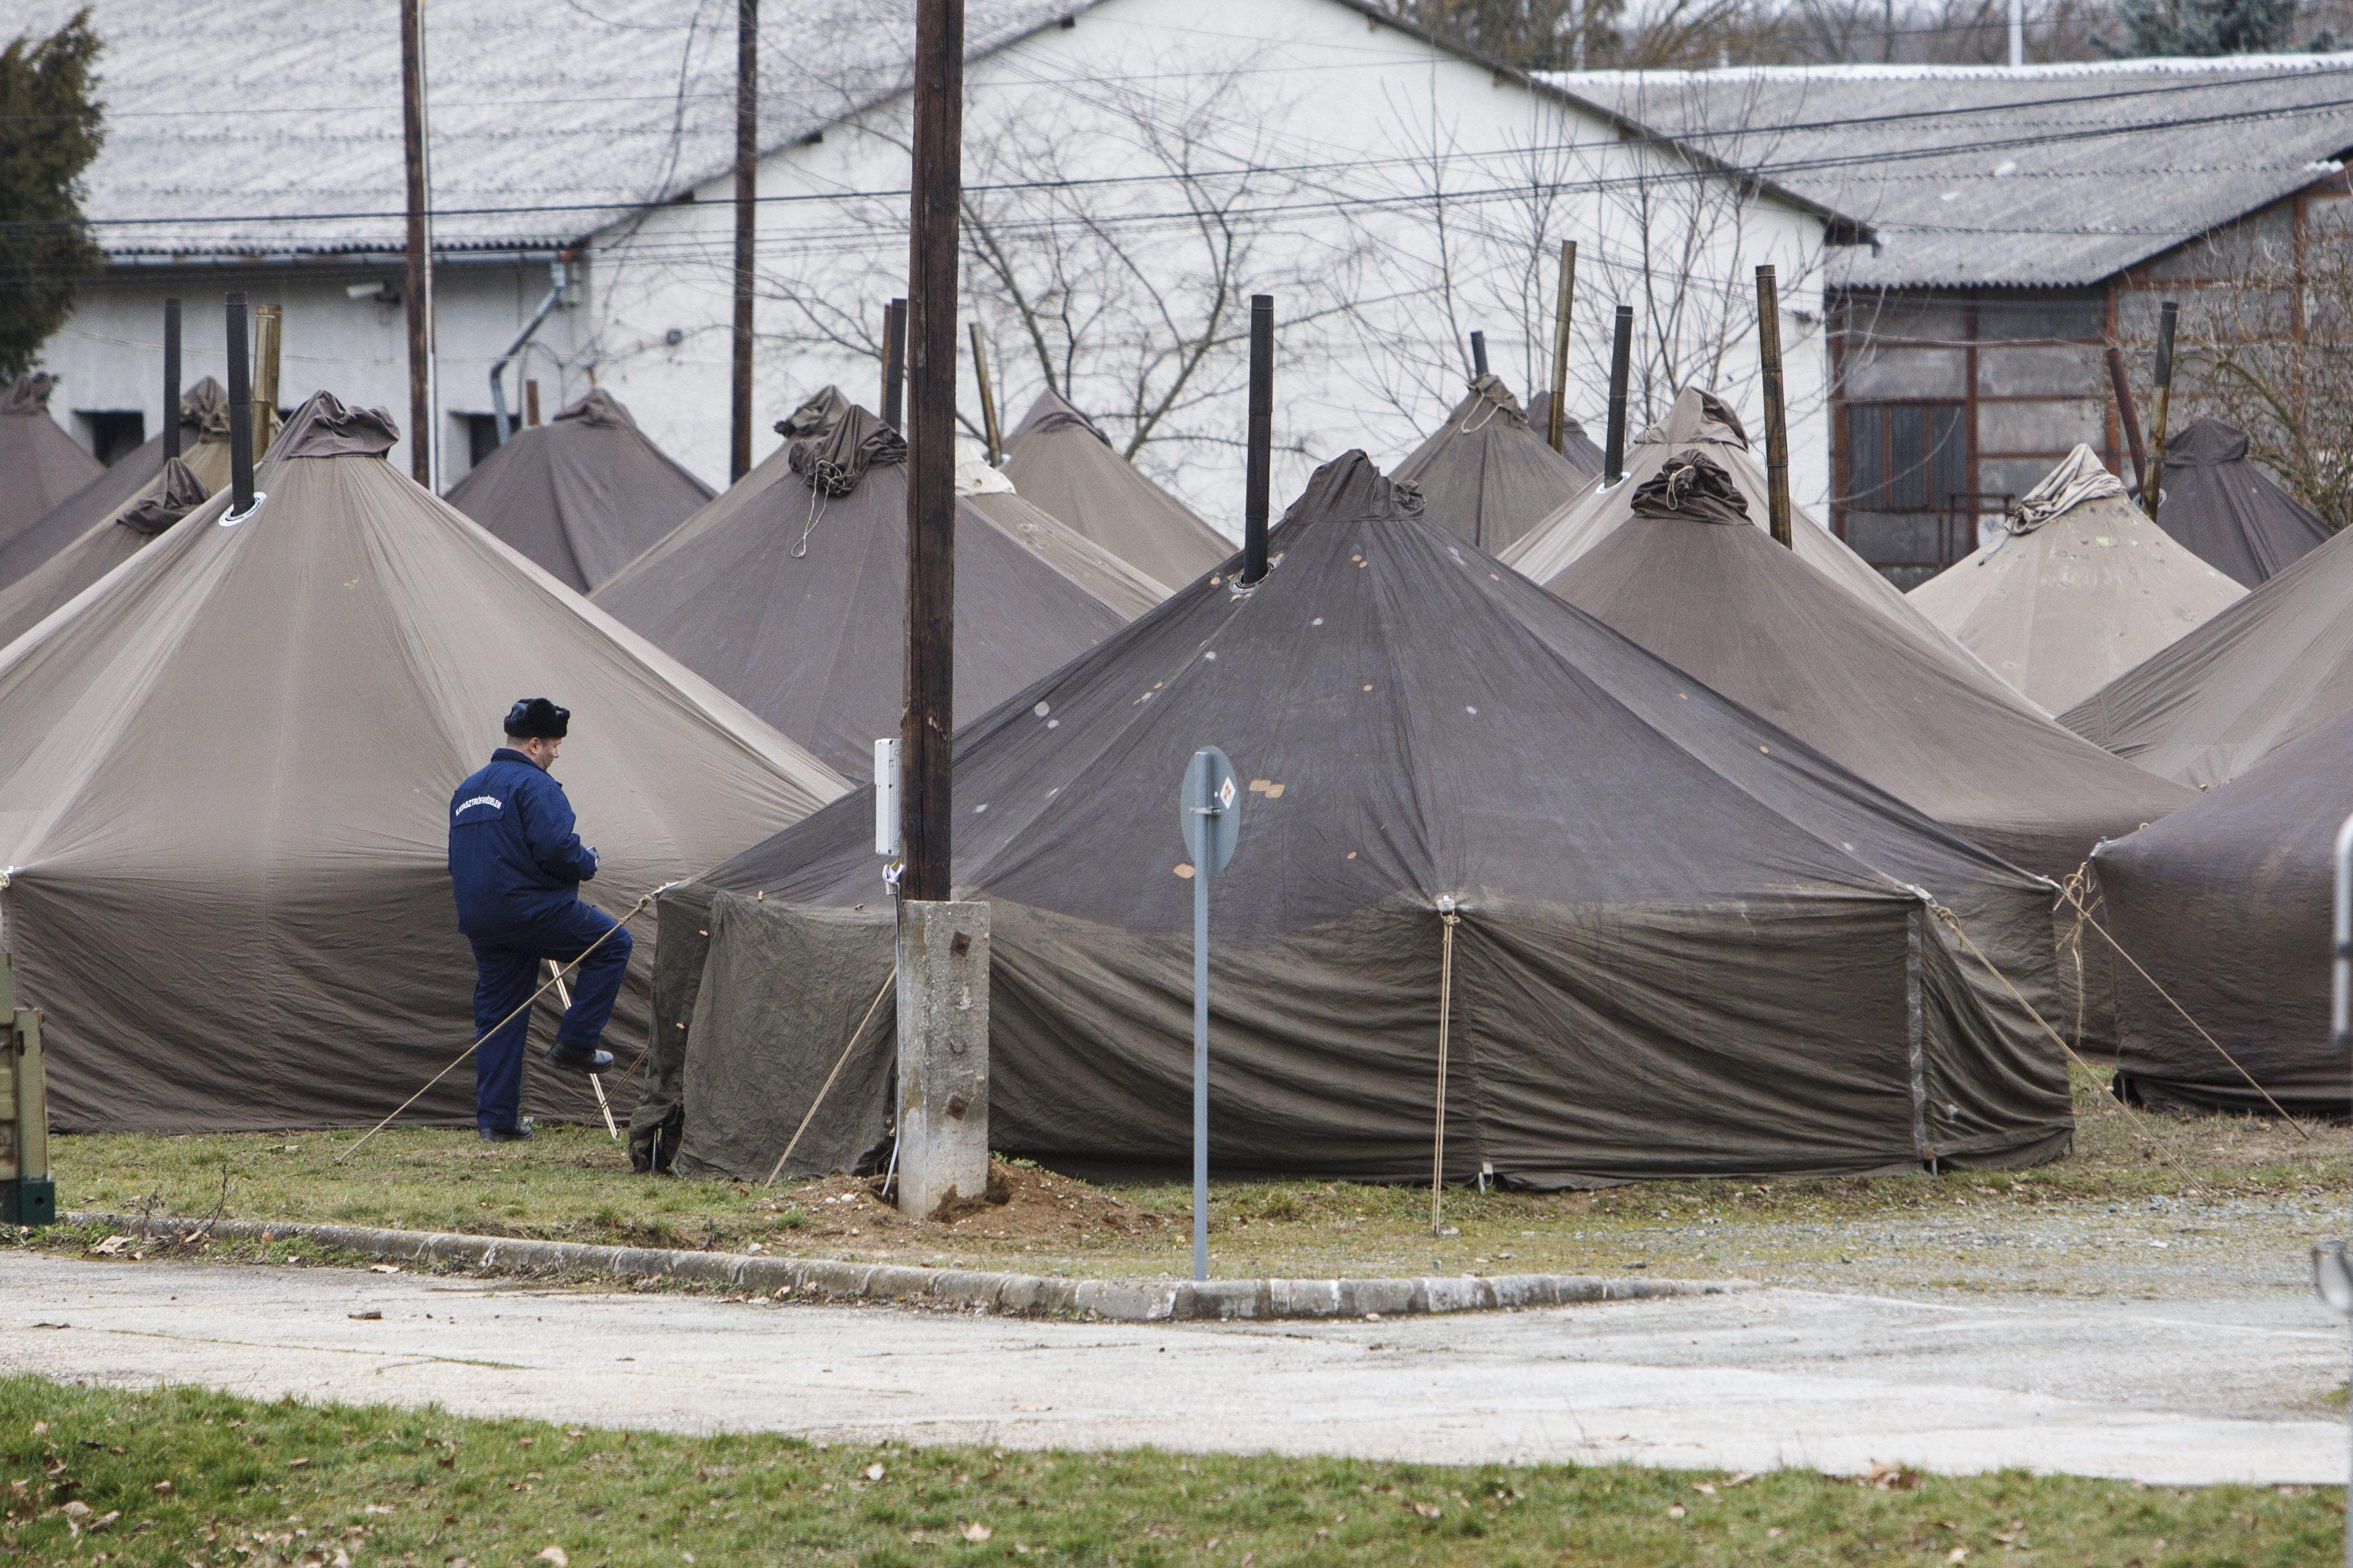 A körmendi sátortáborba szállítják megfagyni a menekülteket